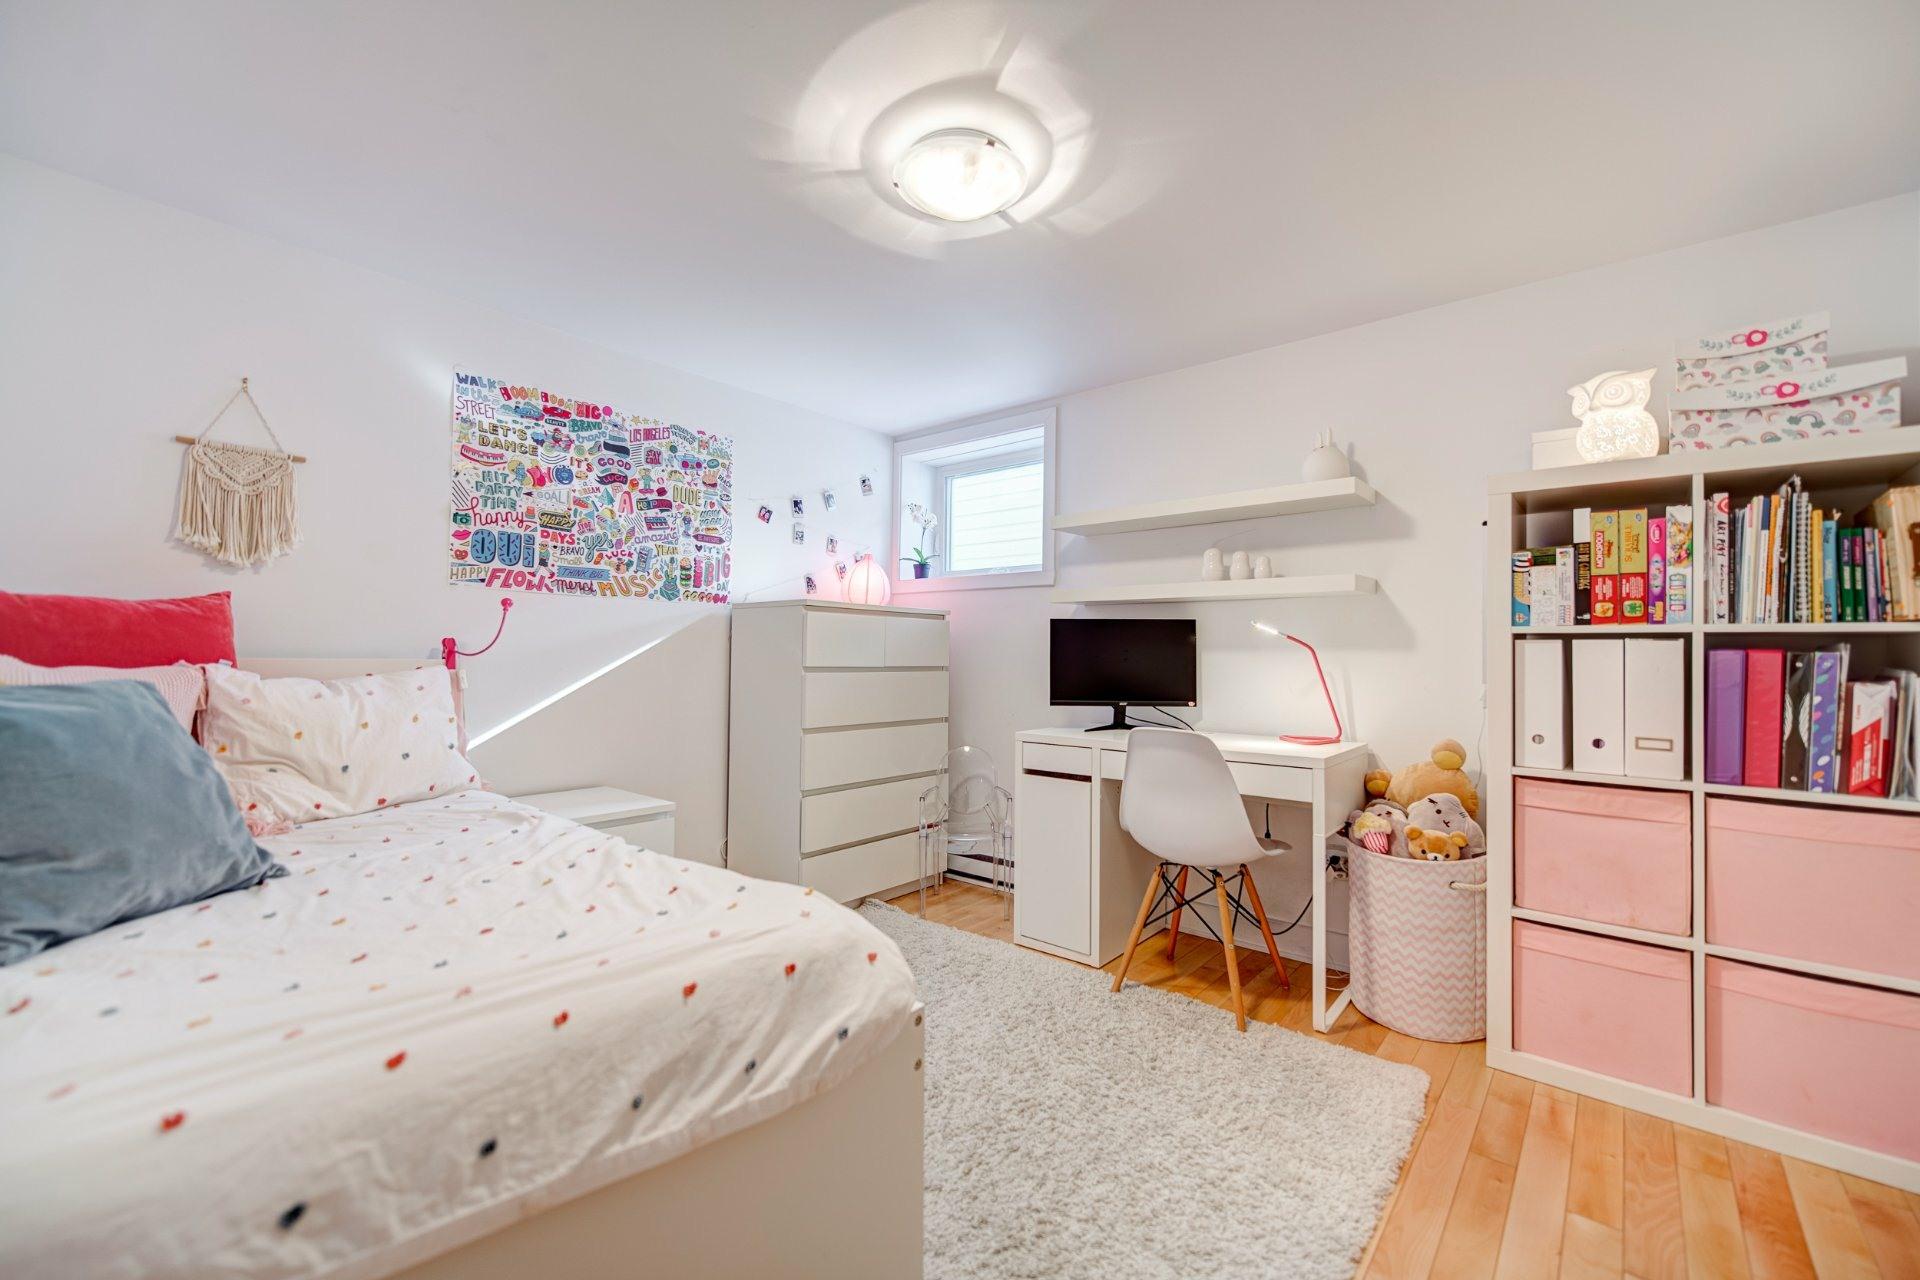 image 23 - Appartement À vendre Rosemont/La Petite-Patrie Montréal  - 6 pièces